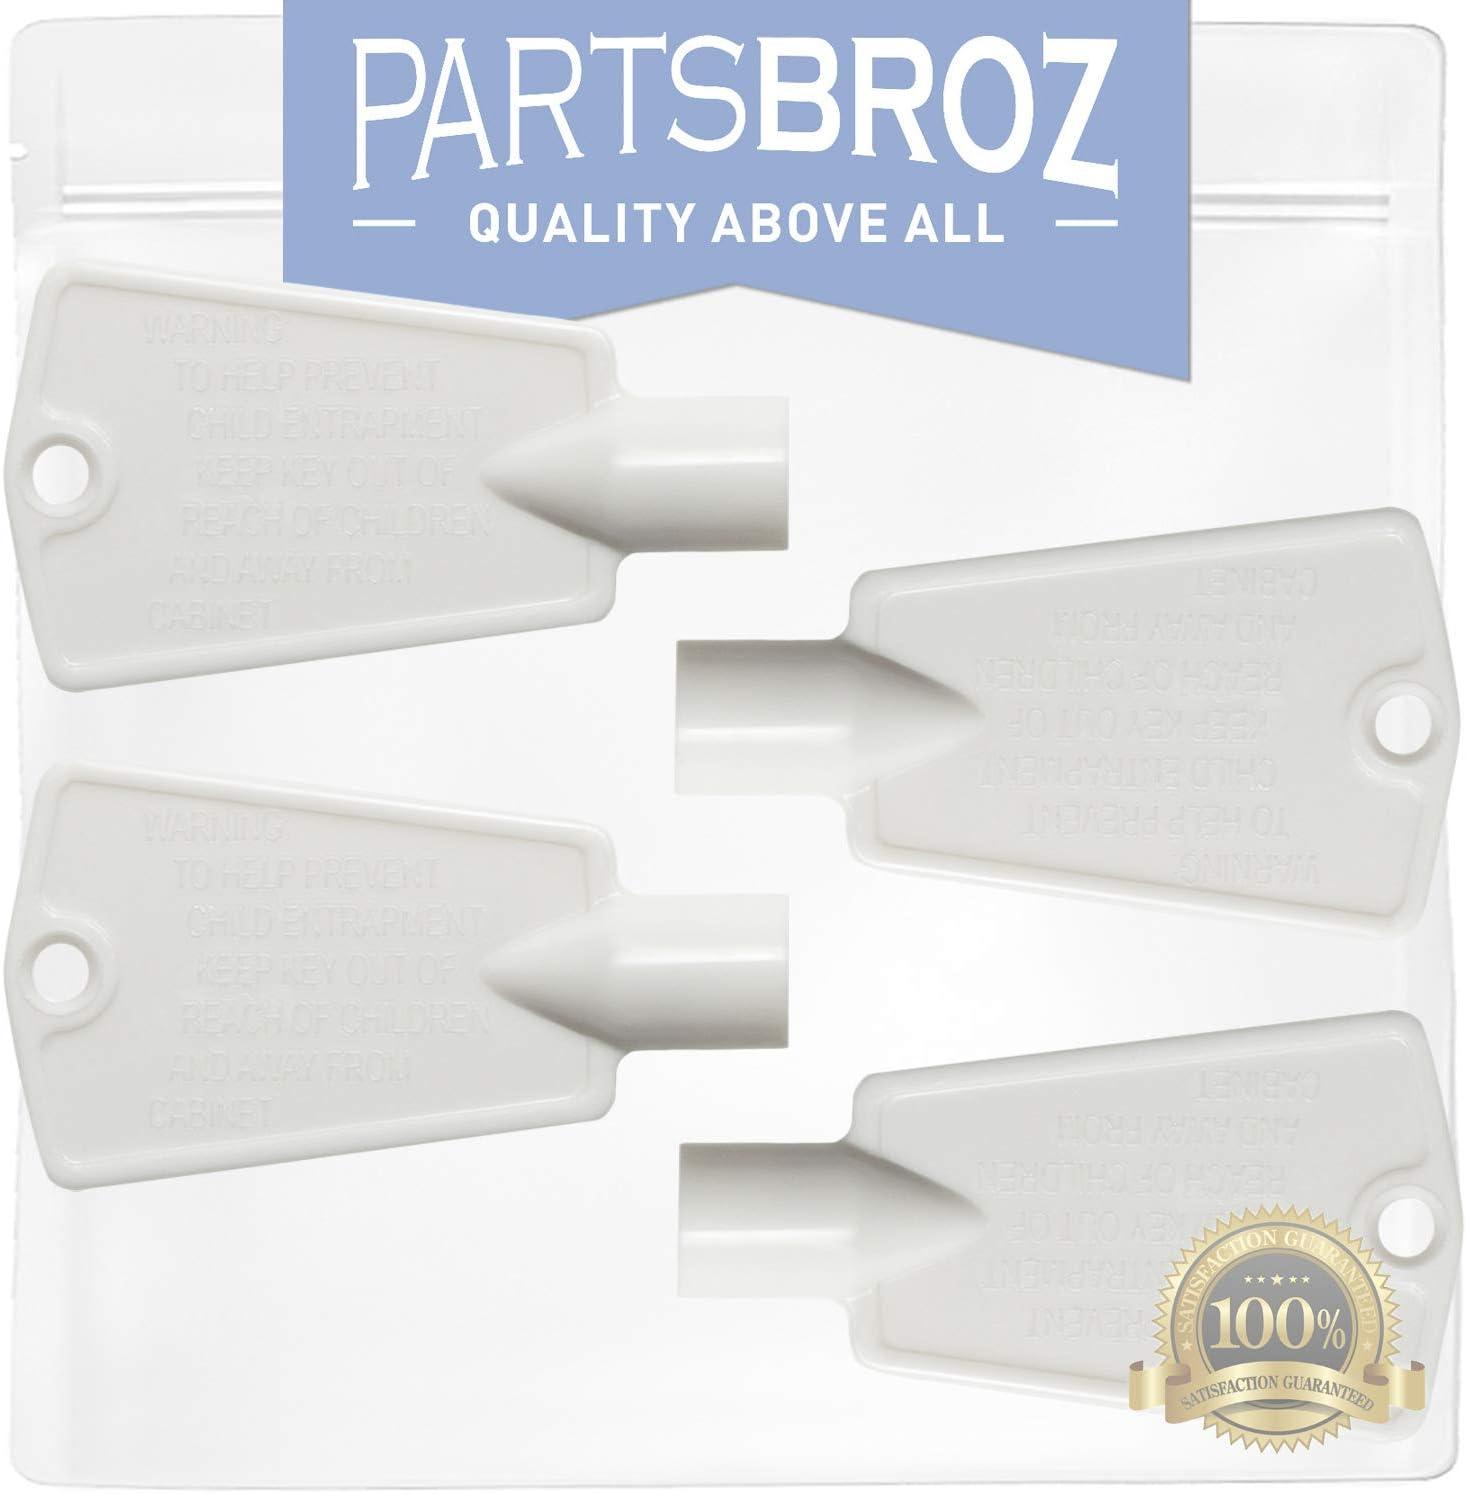 297147700 (4-Pack) Freezer Door Keys for Frigidaire Freezers by PartsBroz - Replaces AP4301346, 216702900, 06599905, 08037402, 1259502, 216388700, 5308027402, 5308037402, 6599905, PS1991481 617bazlE1PL